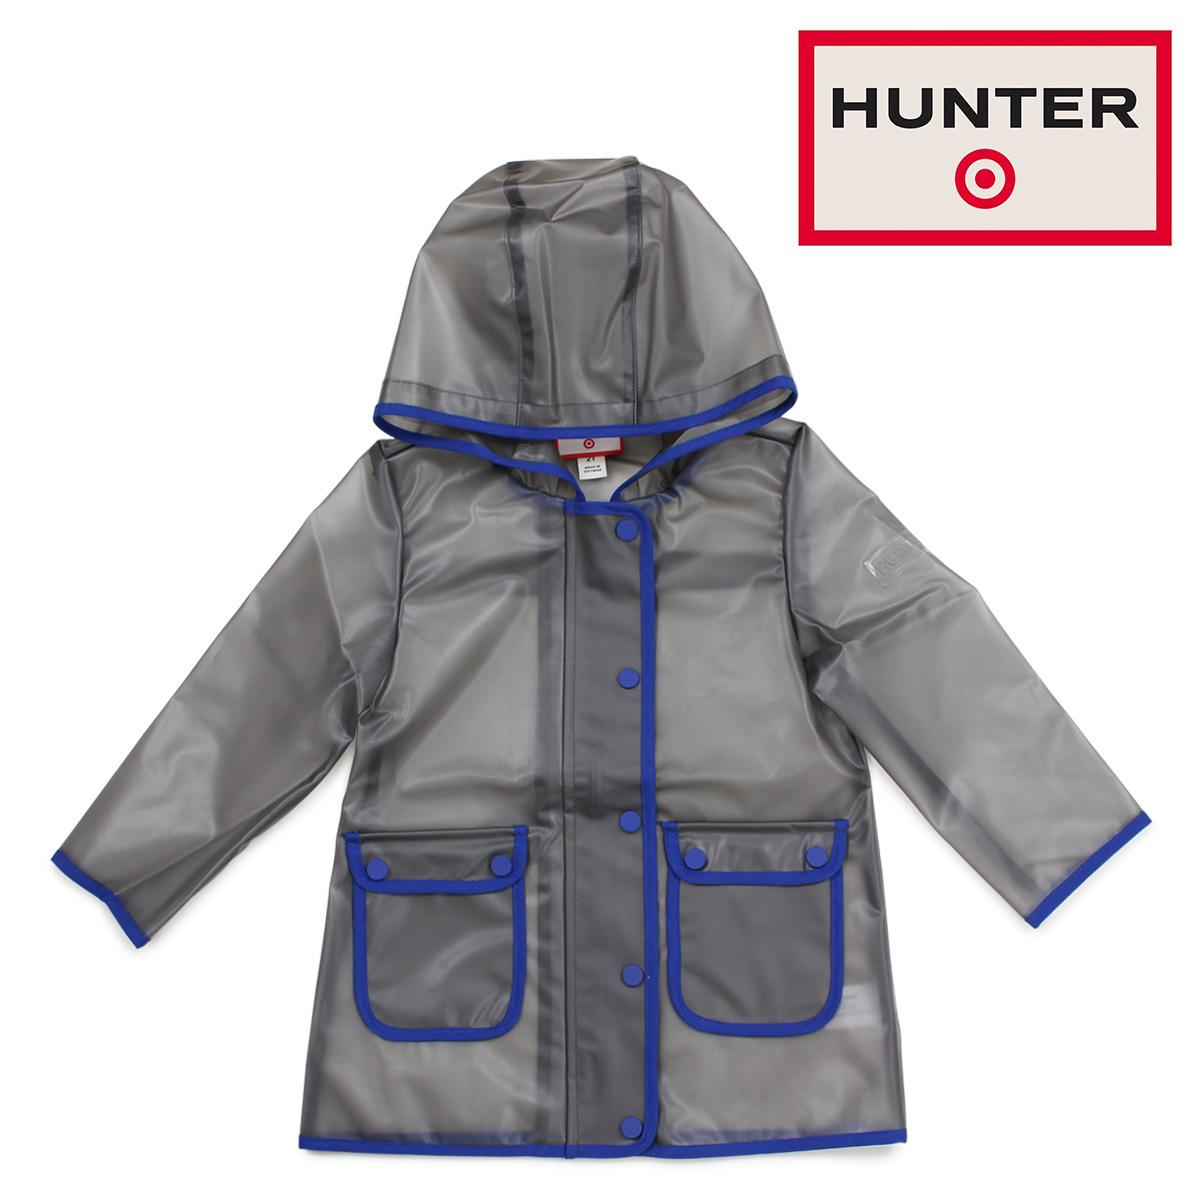 33dfe9675 HUNTER hunter raincoat kids rain jacket rain outfit target TARGET TODDLERS'  RAIN COAT gray 53139